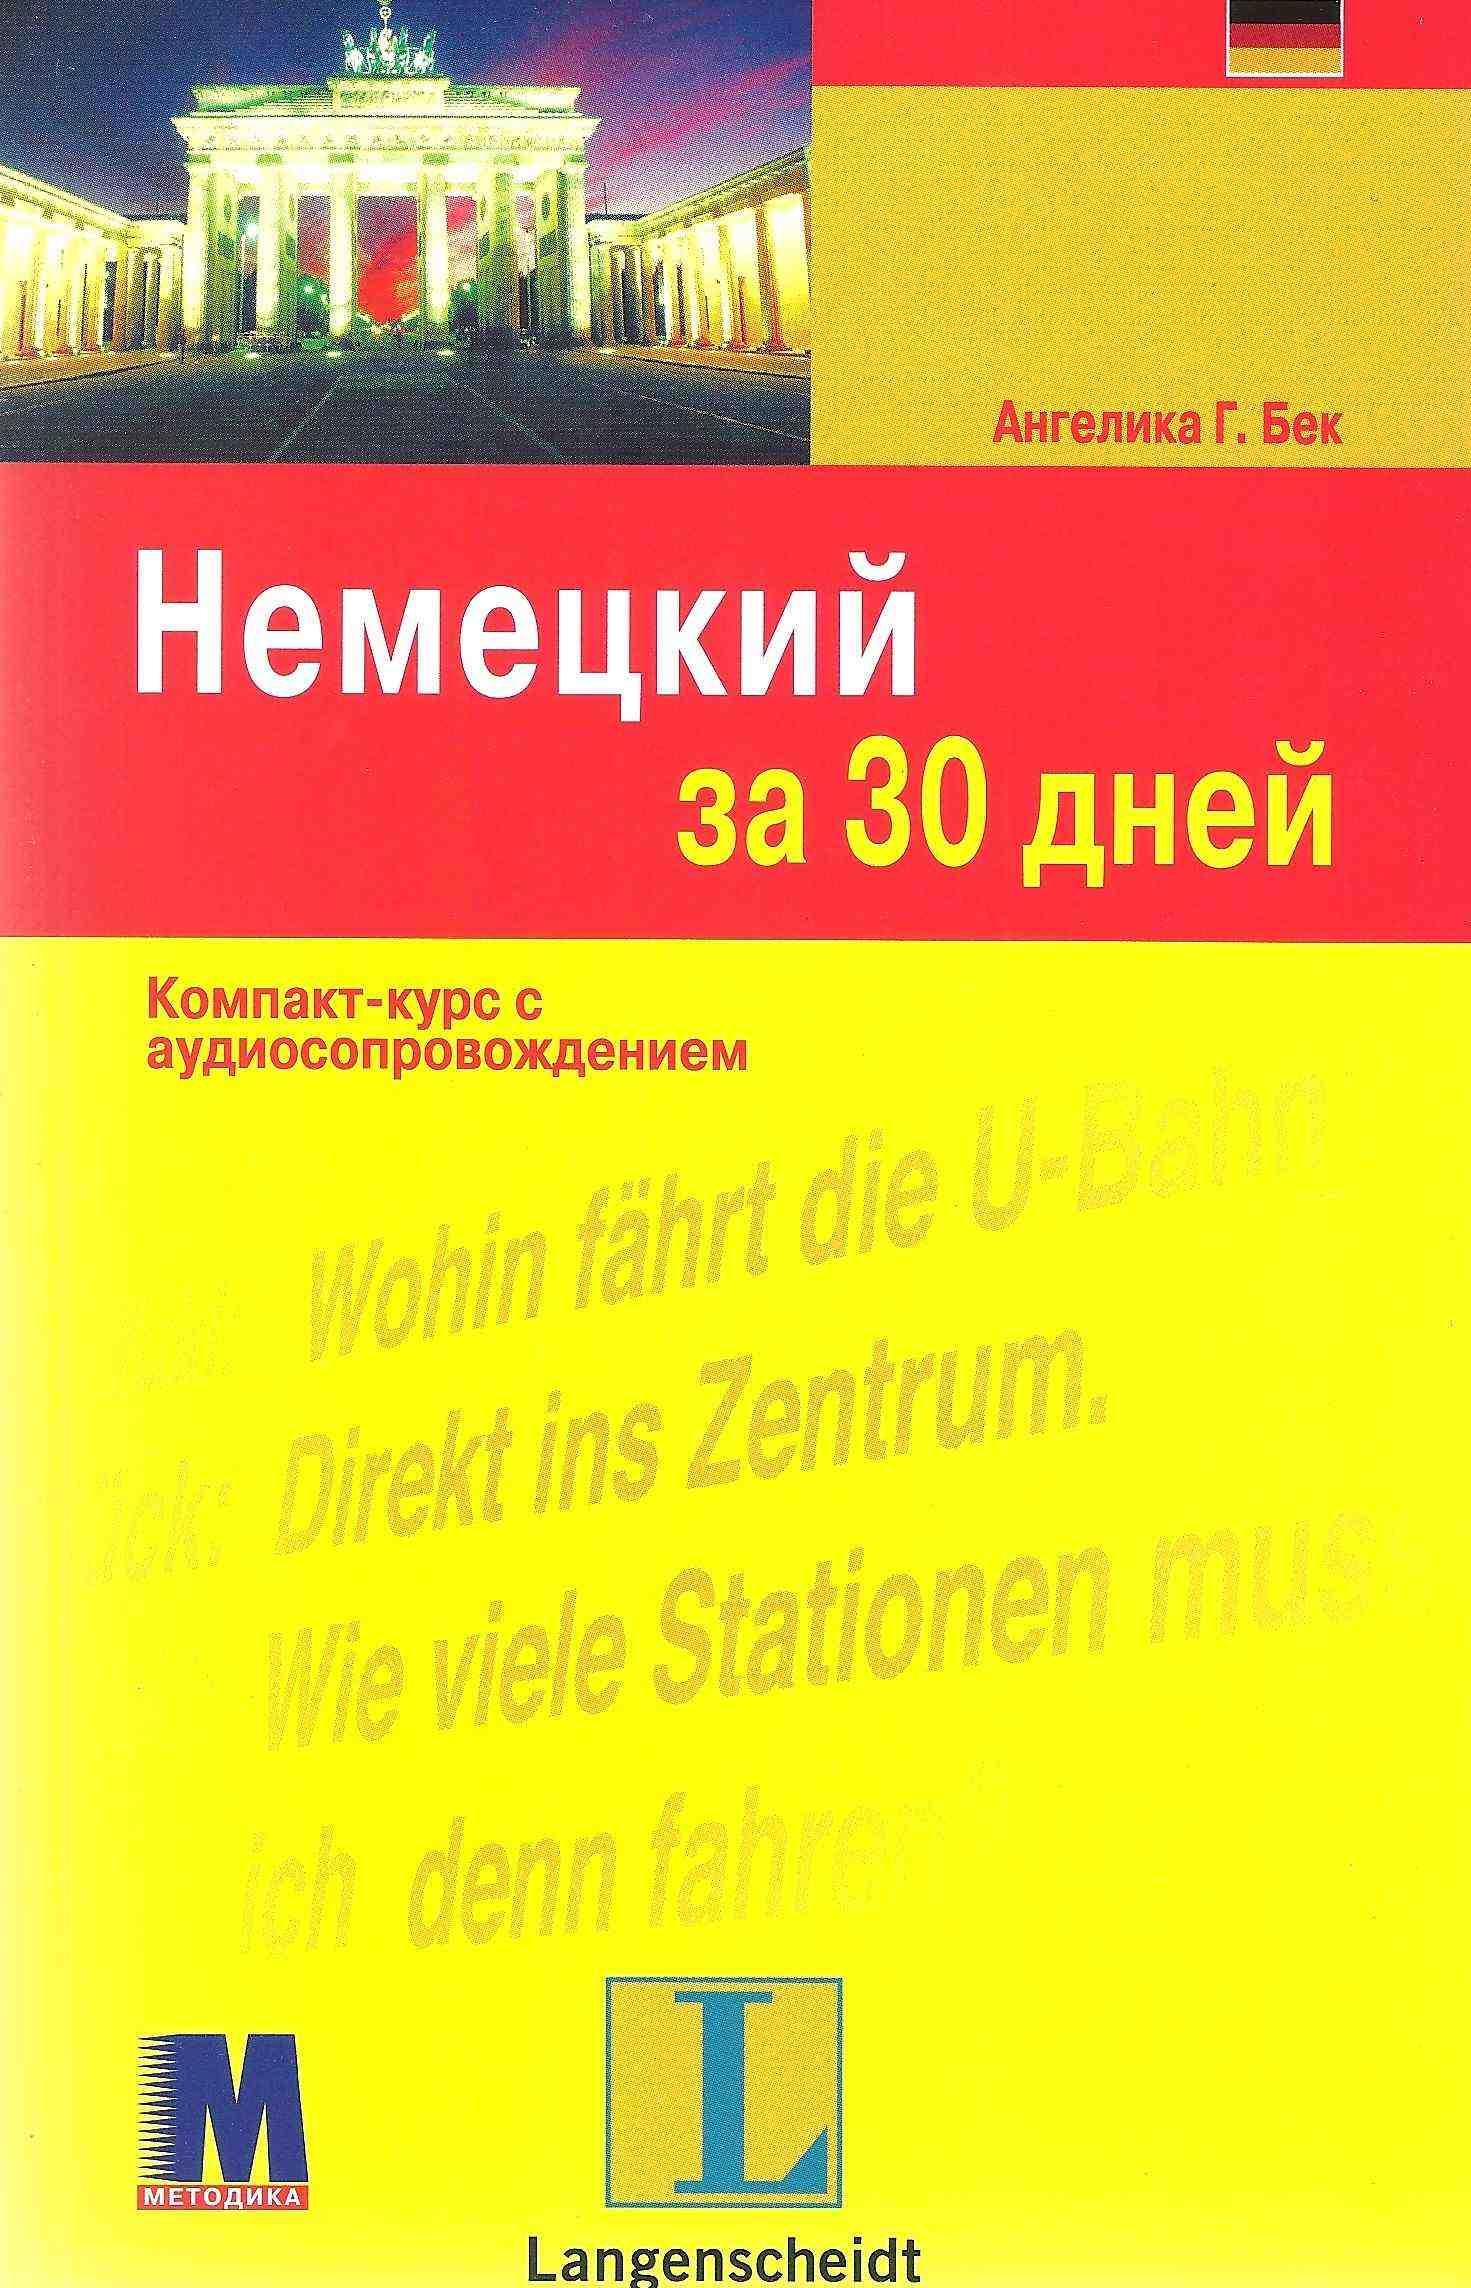 Немецкий за 30 дней Учебное пособие Ангелика Г. Бек Методика Паблишинг